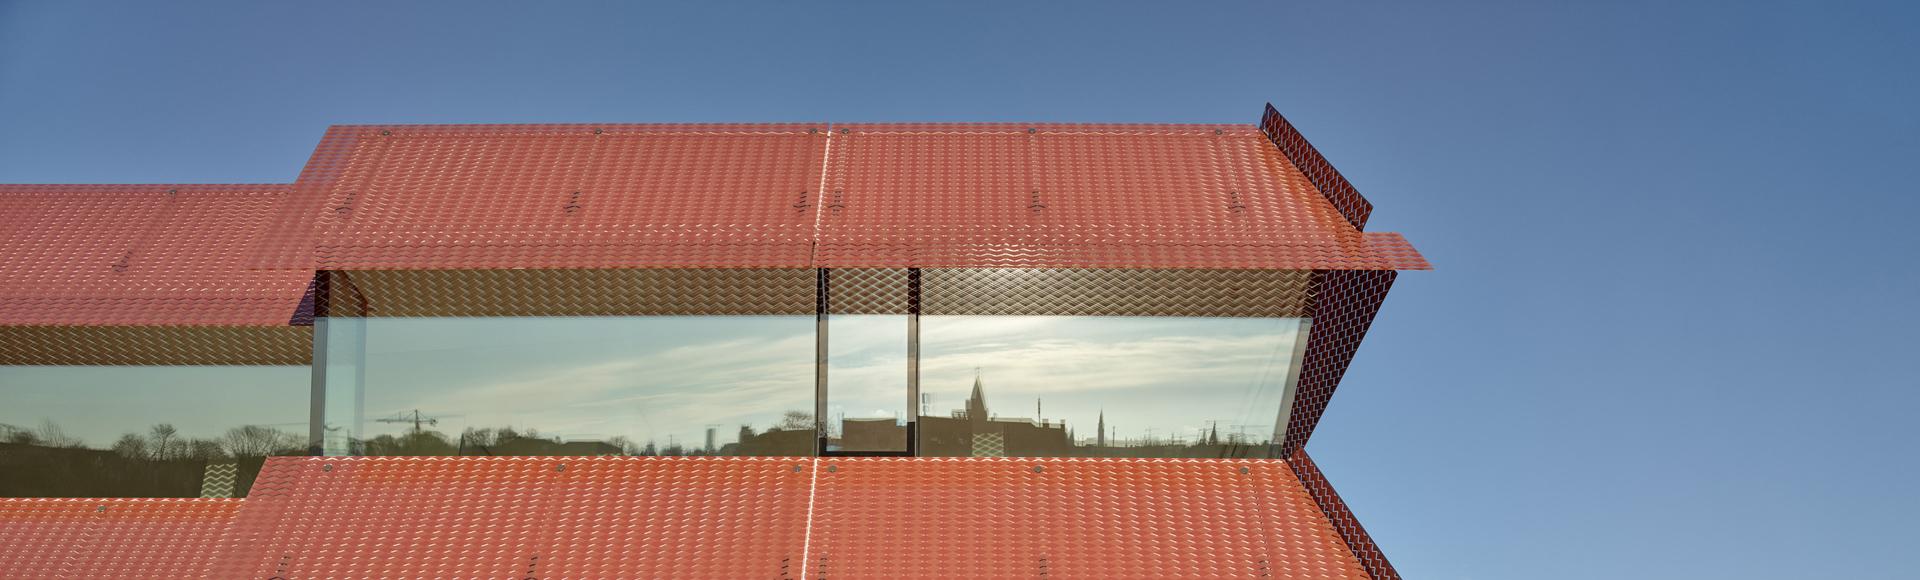 Byens-spejling-i-Østerport-2-hero-khrarkitekter